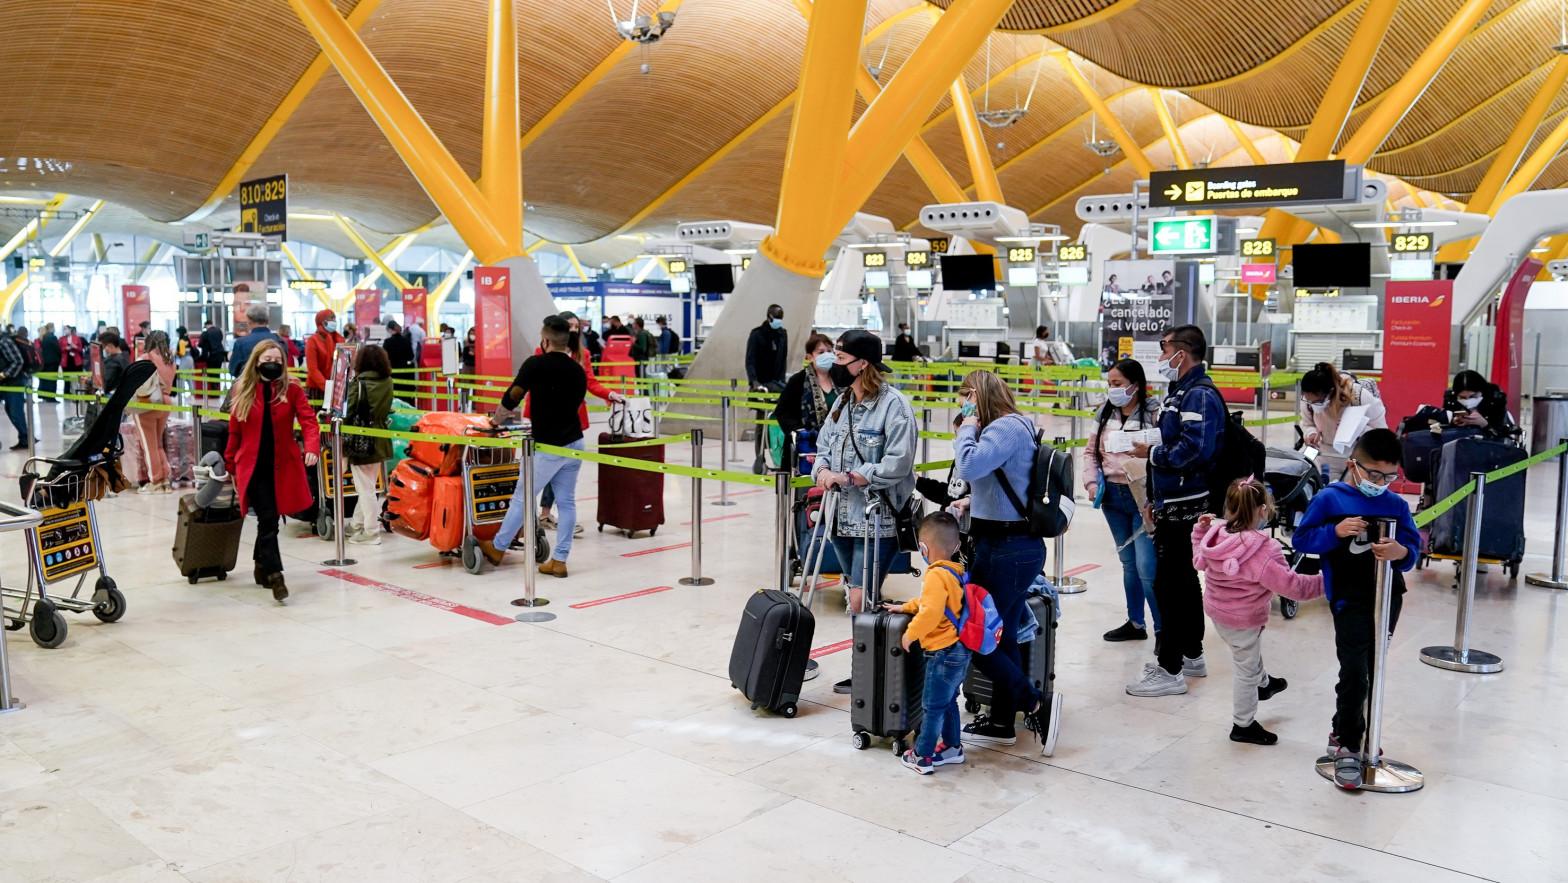 Aena restablece la actividad en todas las terminales de sus aeropuertos